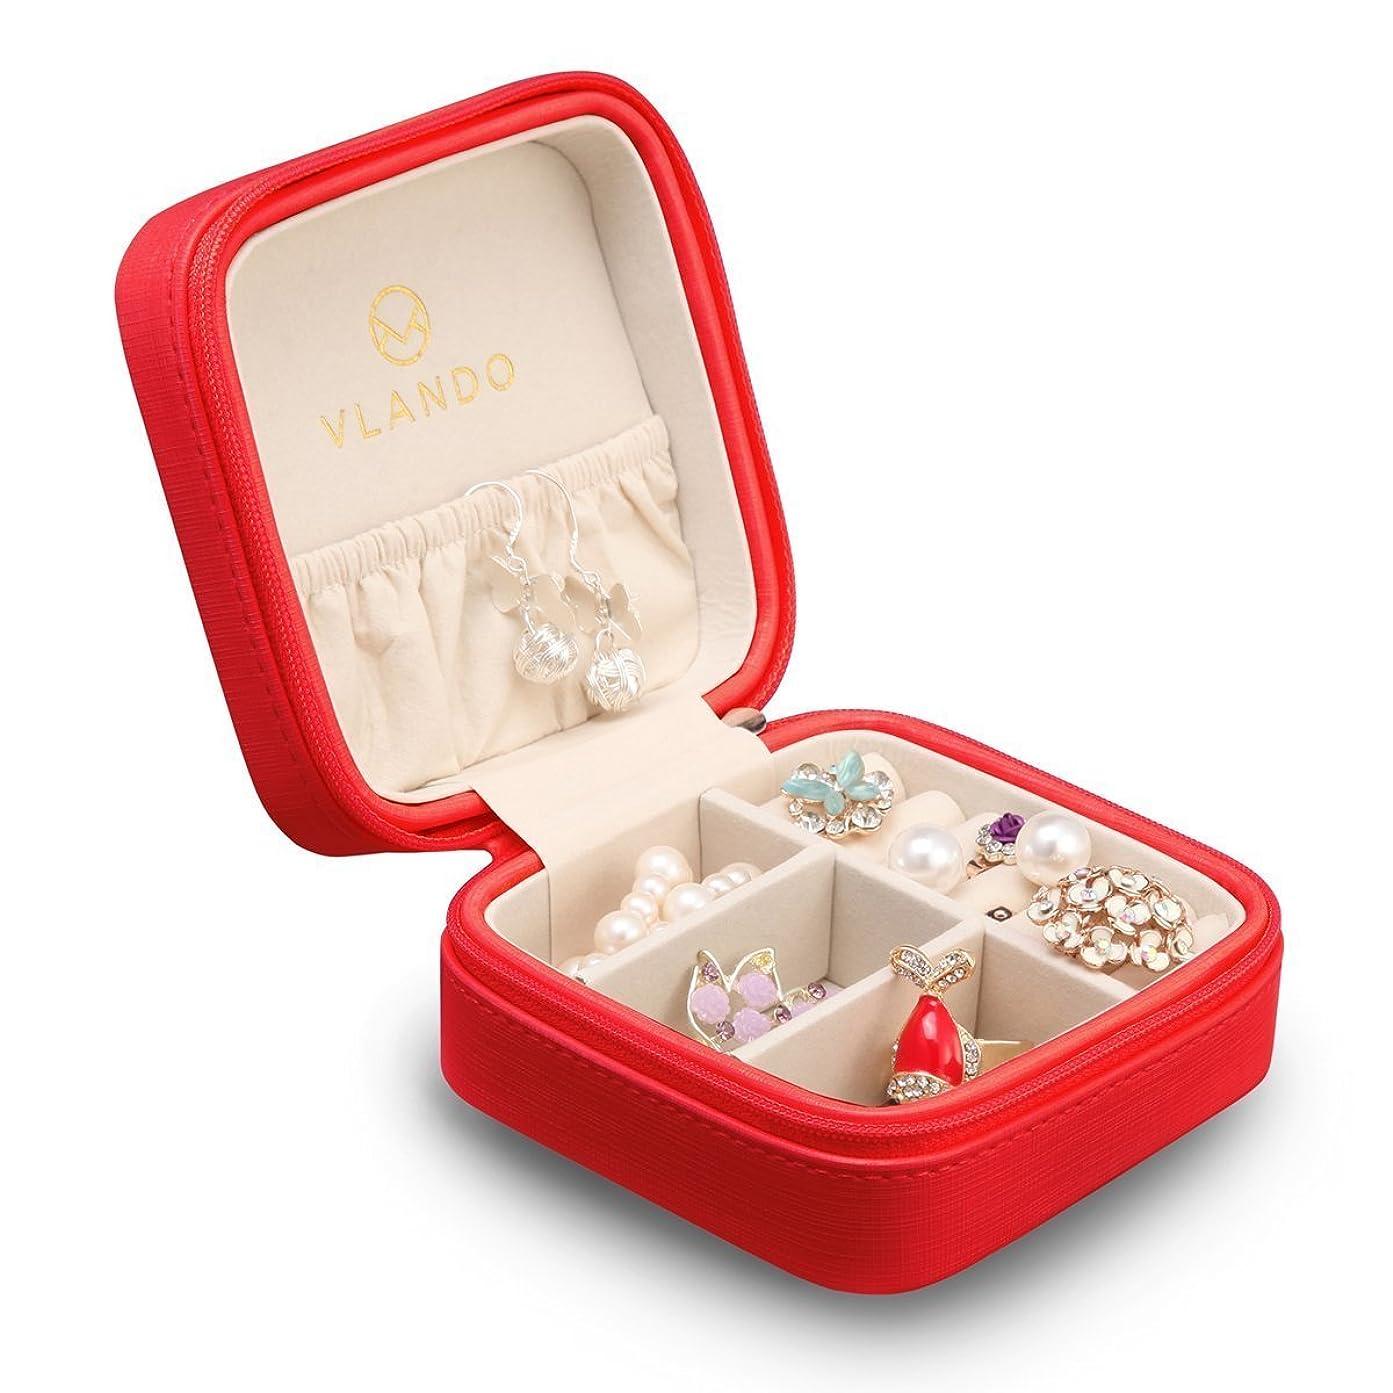 カバー理由前部Vlando 正方形ジュエリーボックス ミニ宝石箱 携帯用 持ち運び トラベル ピアス ネックレス 指輪 リング アクセサリー 指輪置き ジュエリーバッグ 7色 (赤)